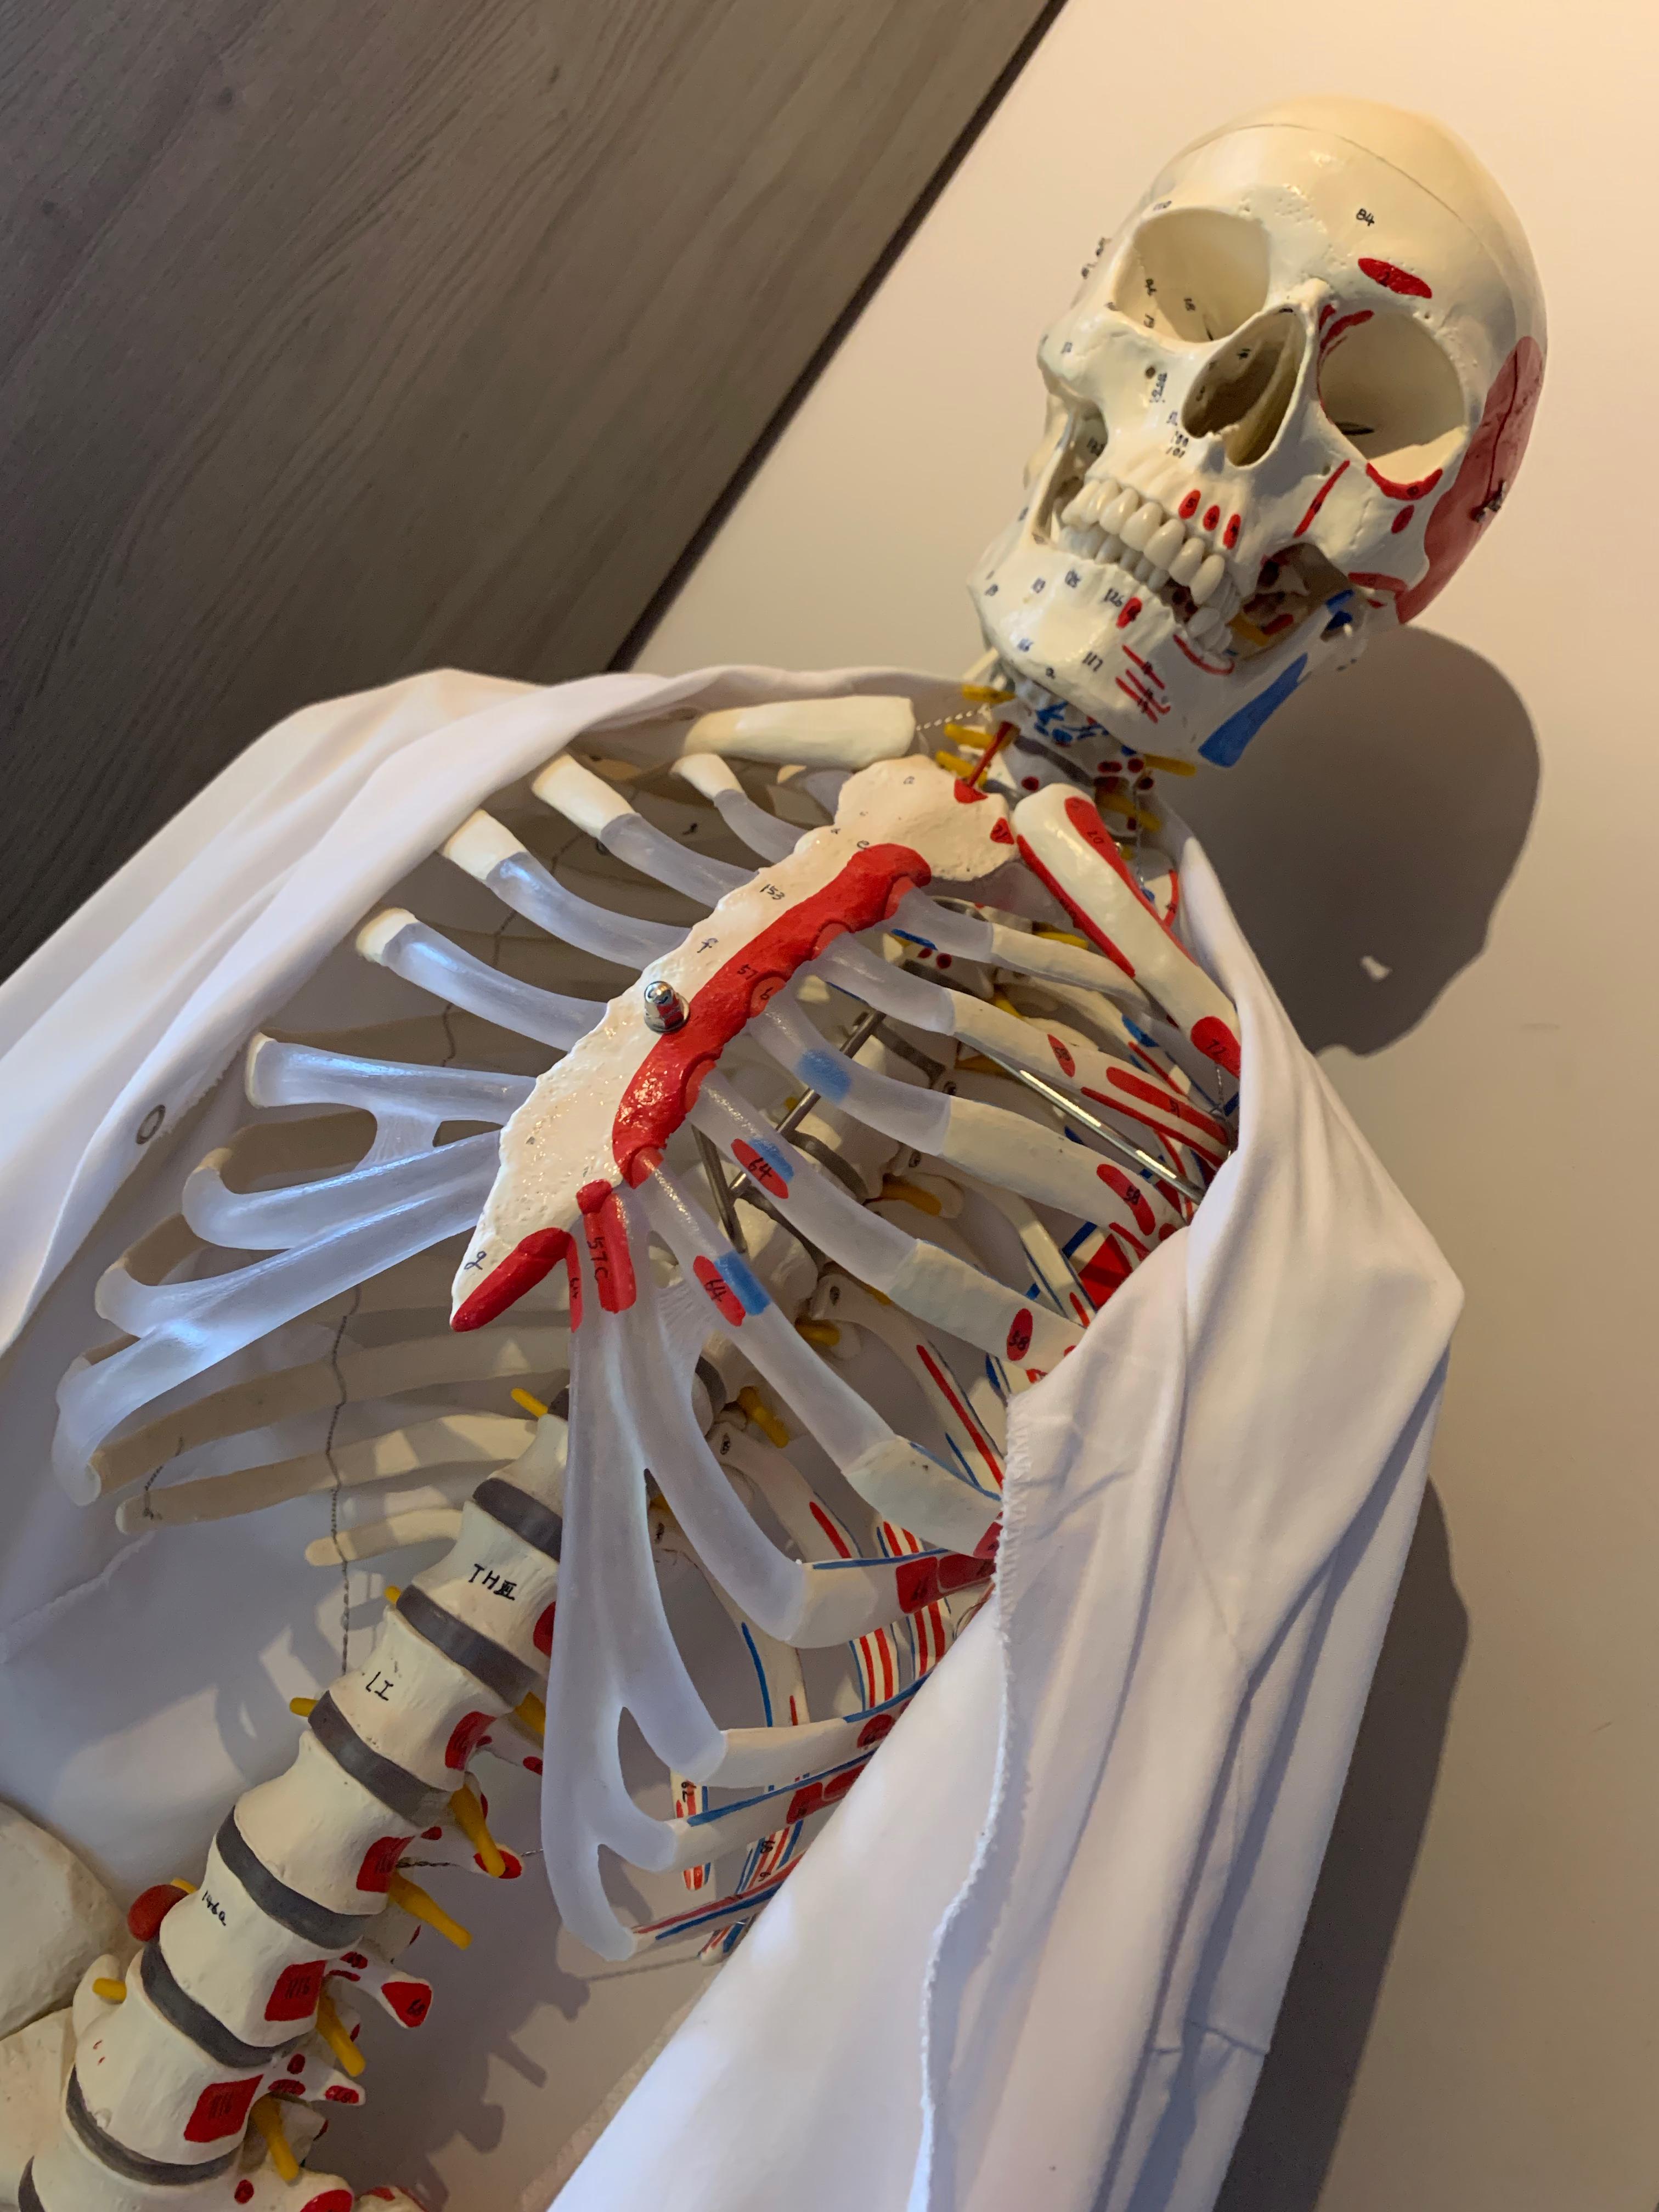 DB3-0202 - skelet